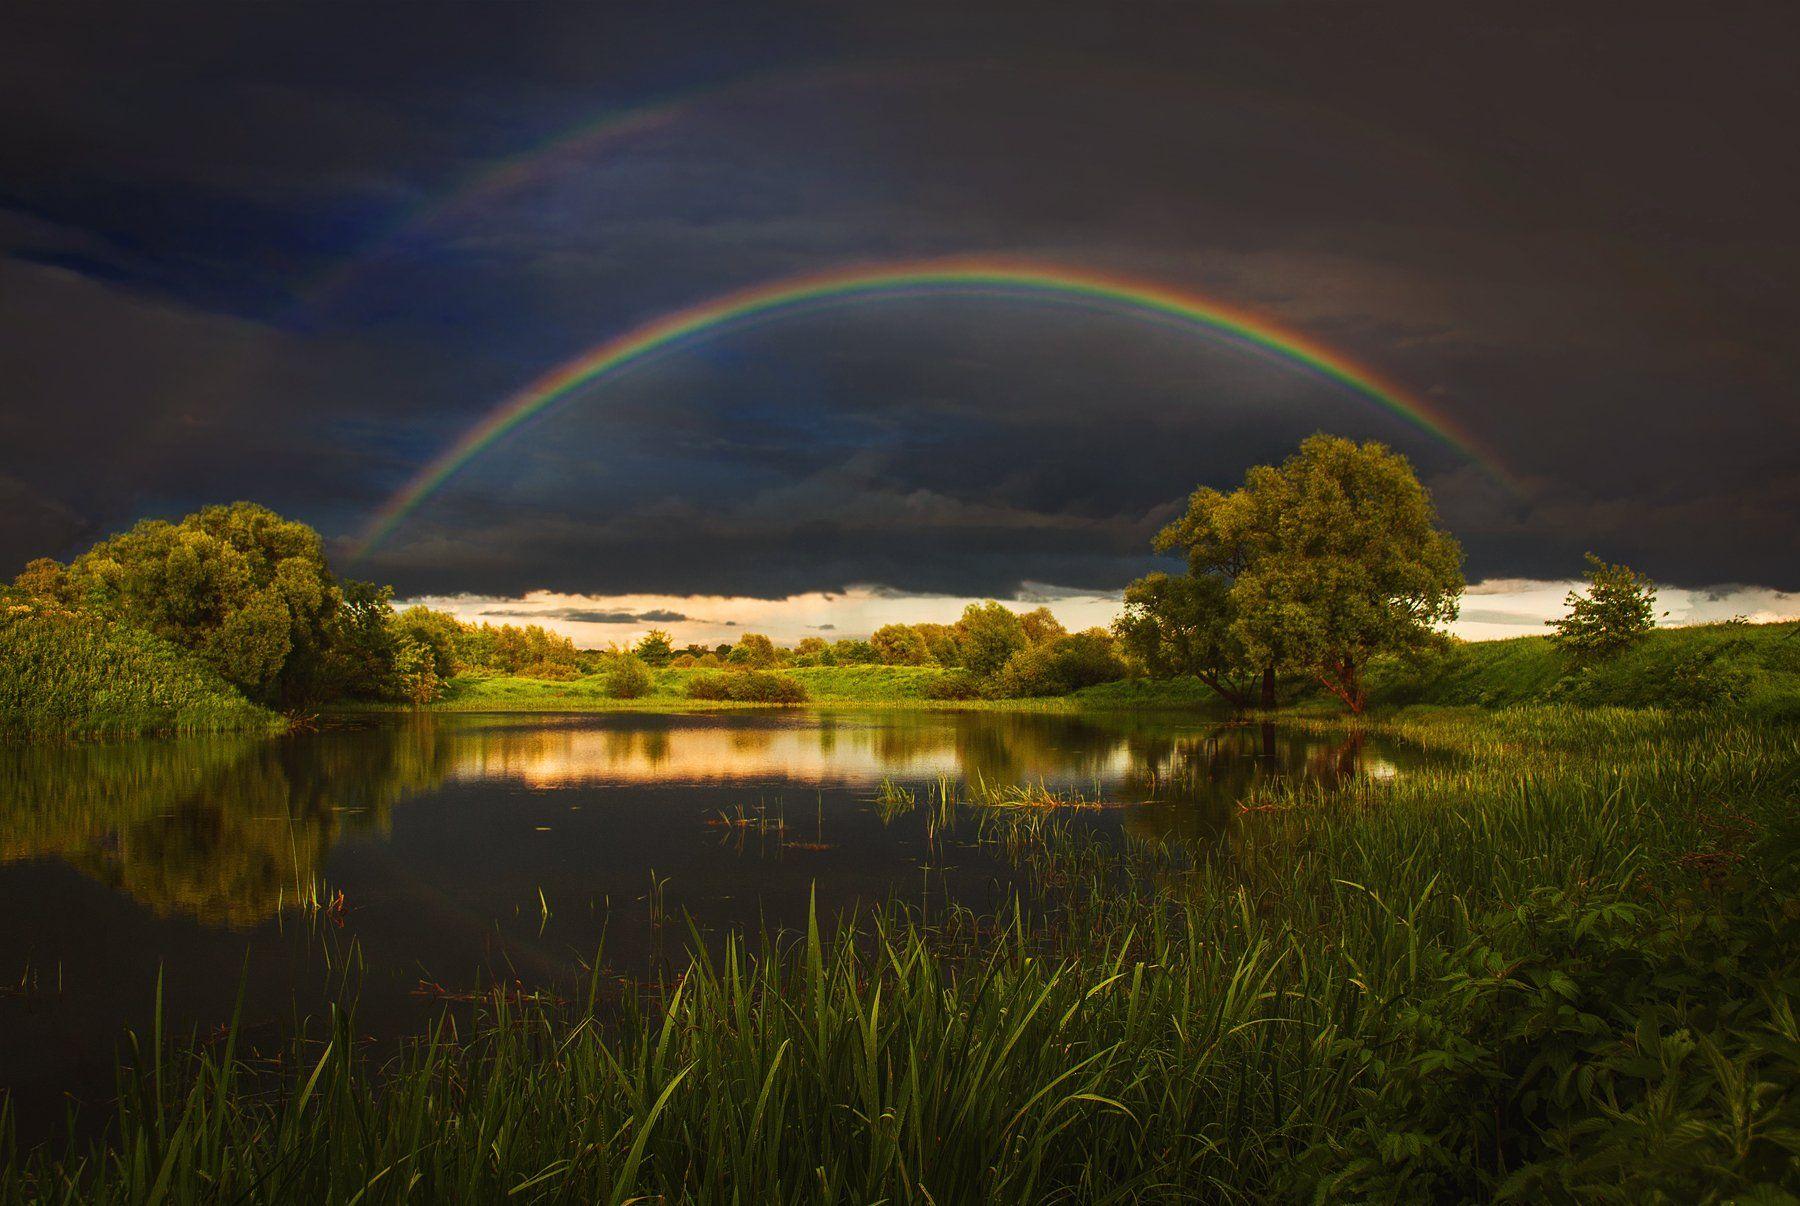 фото, природа, закат, гроза, радуга, лето, озеро, лес, Екатерина